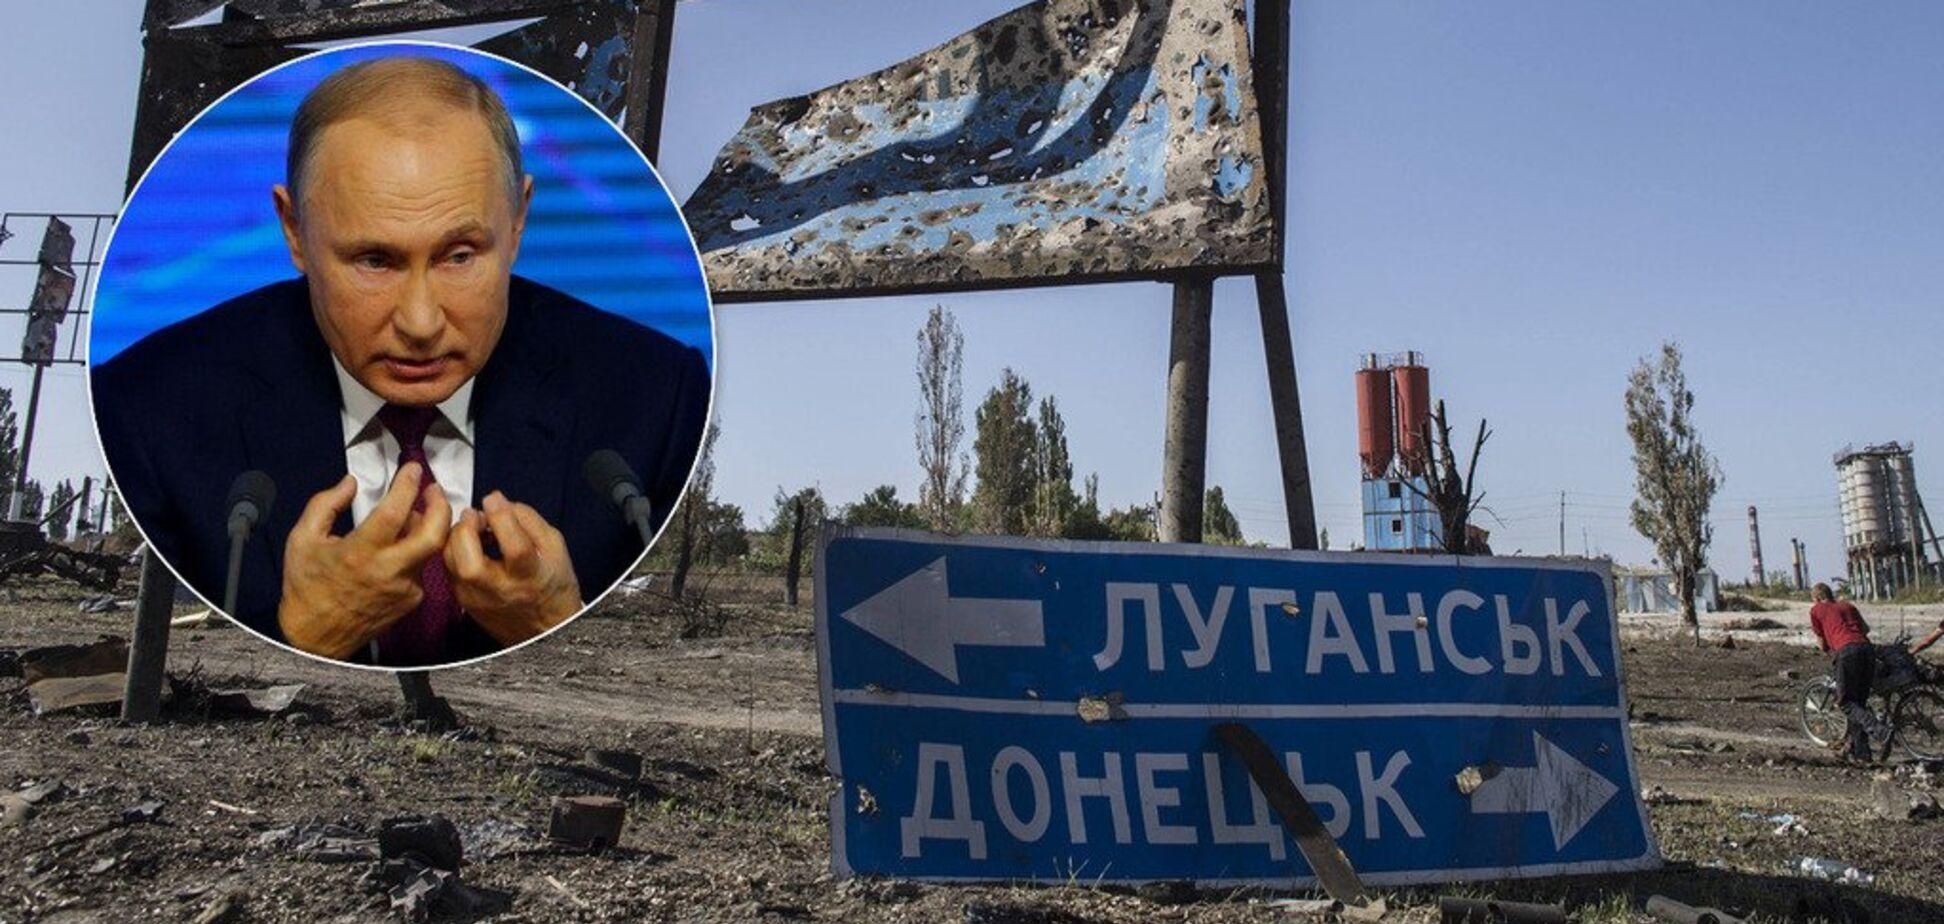 Путин готов сдать 'Л/ДНР'? Российский политик пояснил замену Суркову